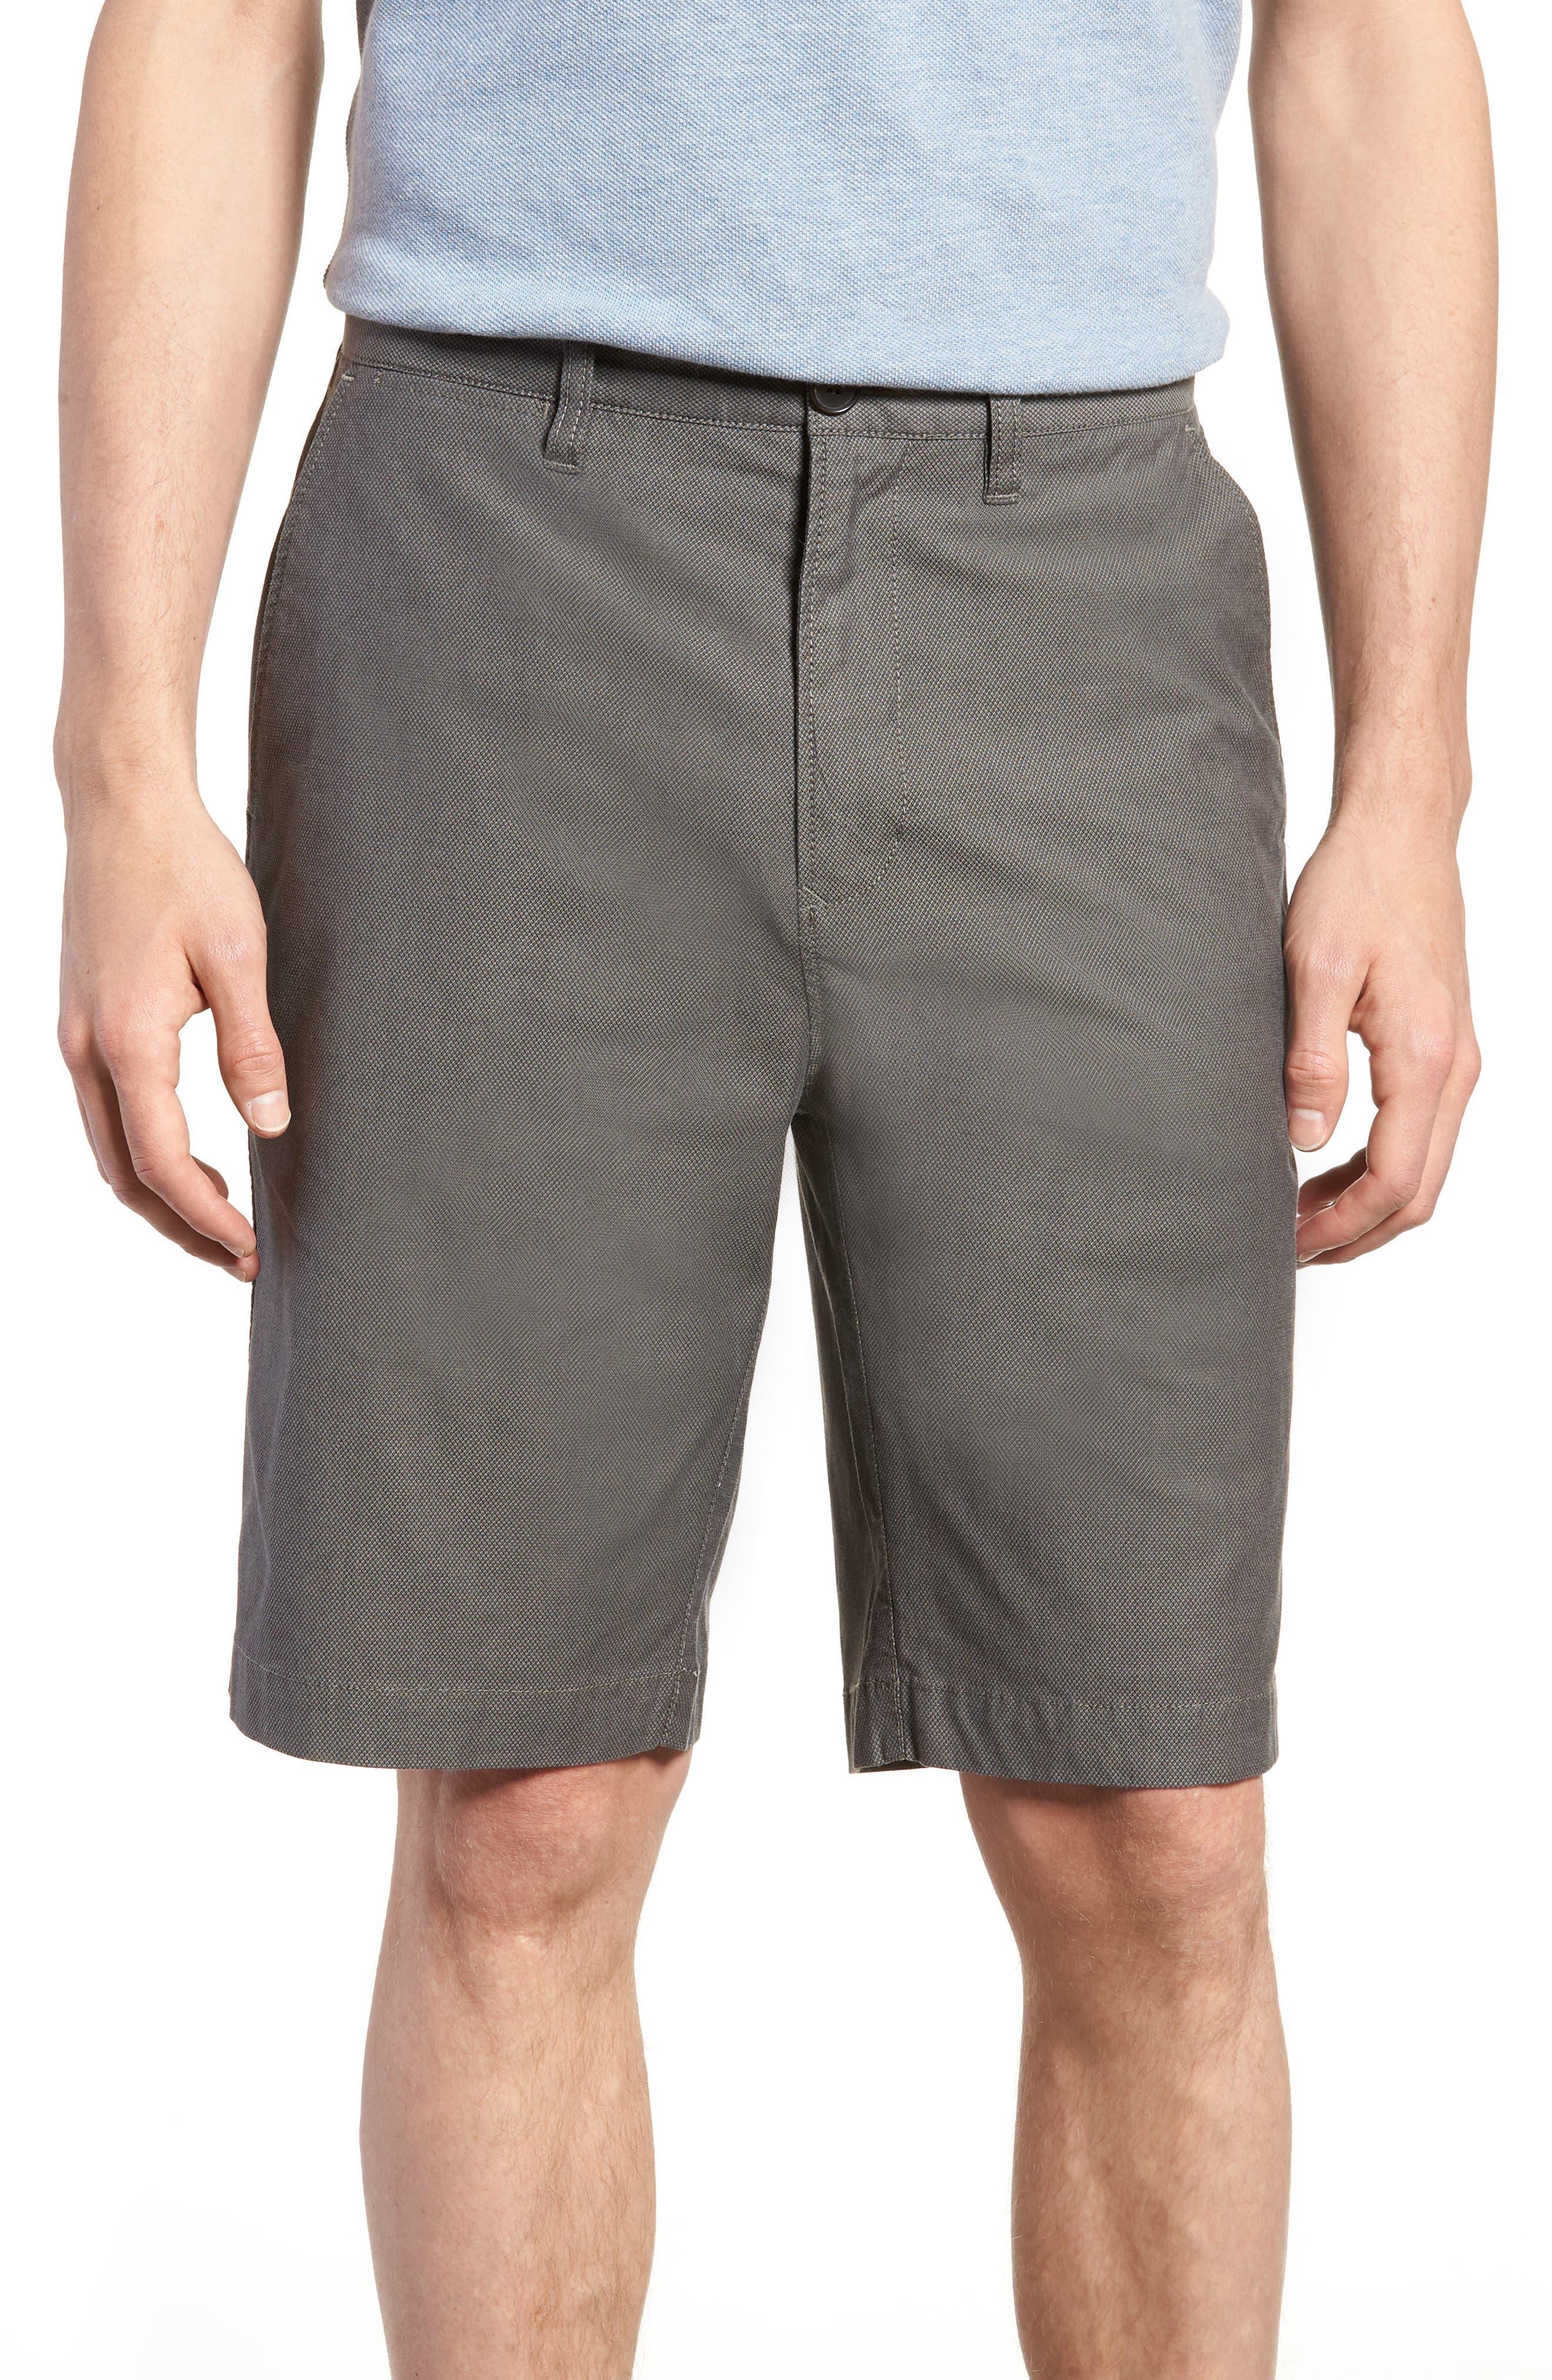 RODD & GUNN,                             Army Bay Regular Fit Shorts,                             Main thumbnail 1, color,                             023